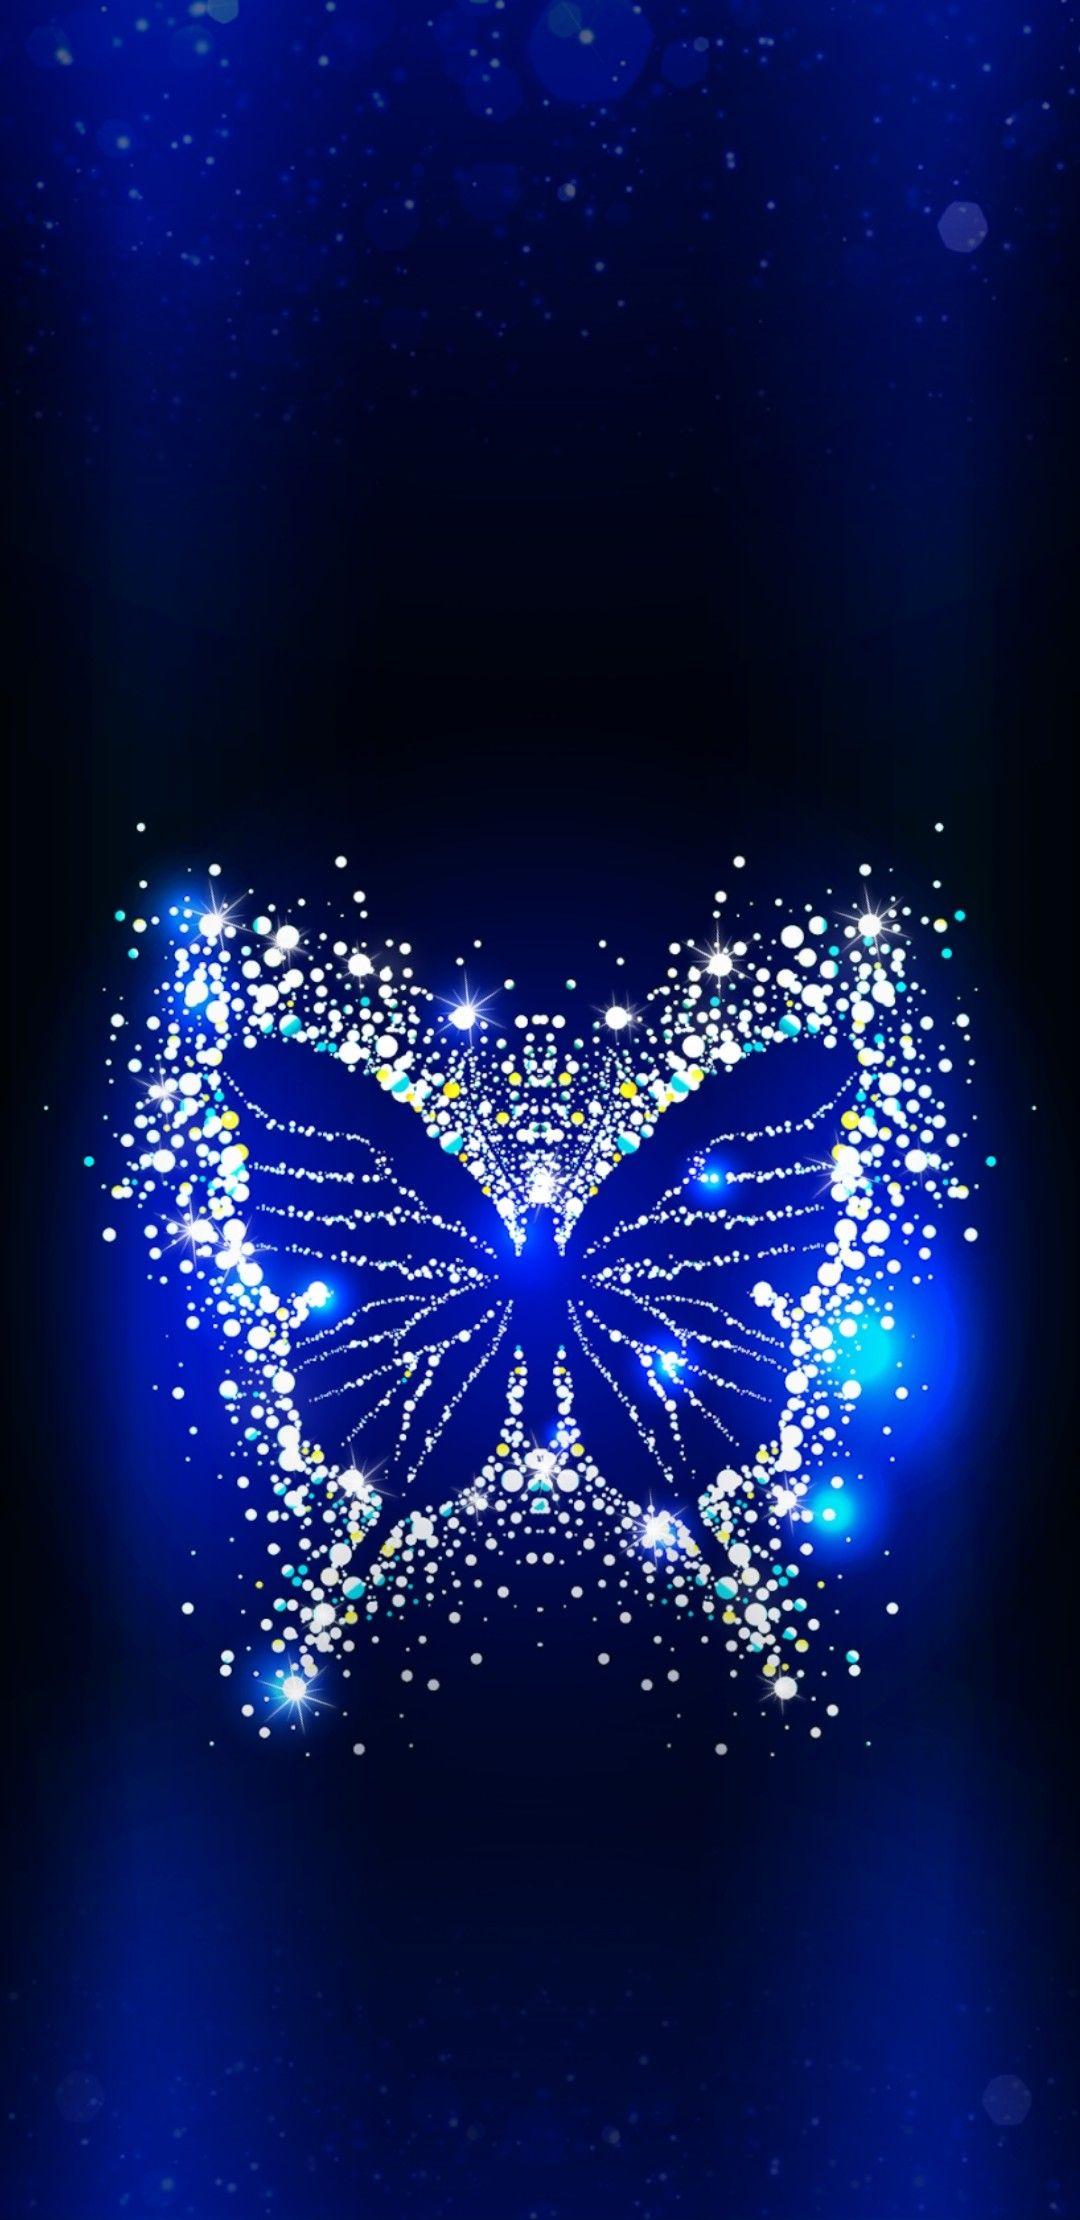 Wallpaperby Artist Unknown In 2019 Blue Butterfly